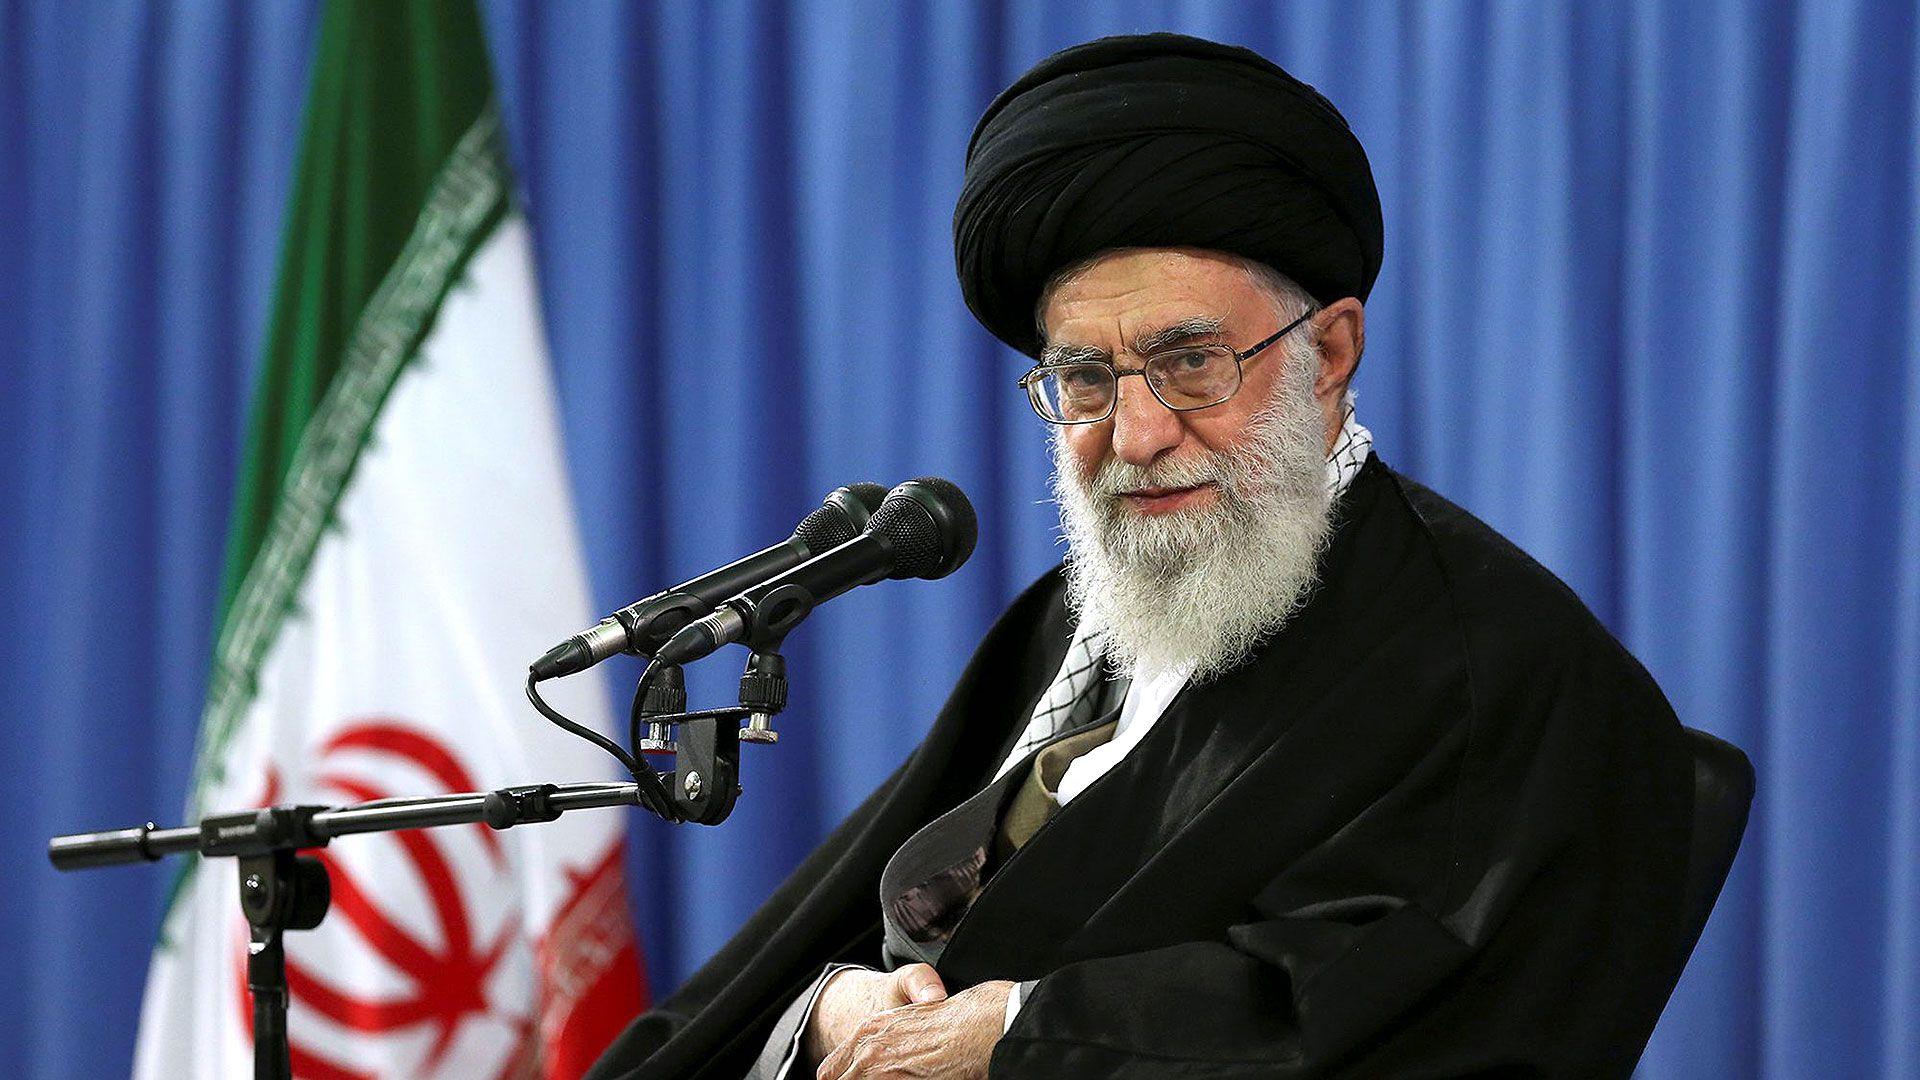 El Ayatollah Alí Khamenei en una foto de archivo. El clérigo iraní deberá evaluar muy bien los pasos a seguir luego de la muerte de Qassem Soleimani. Cualquier movimiento en falso podría ser fatal para el régimen